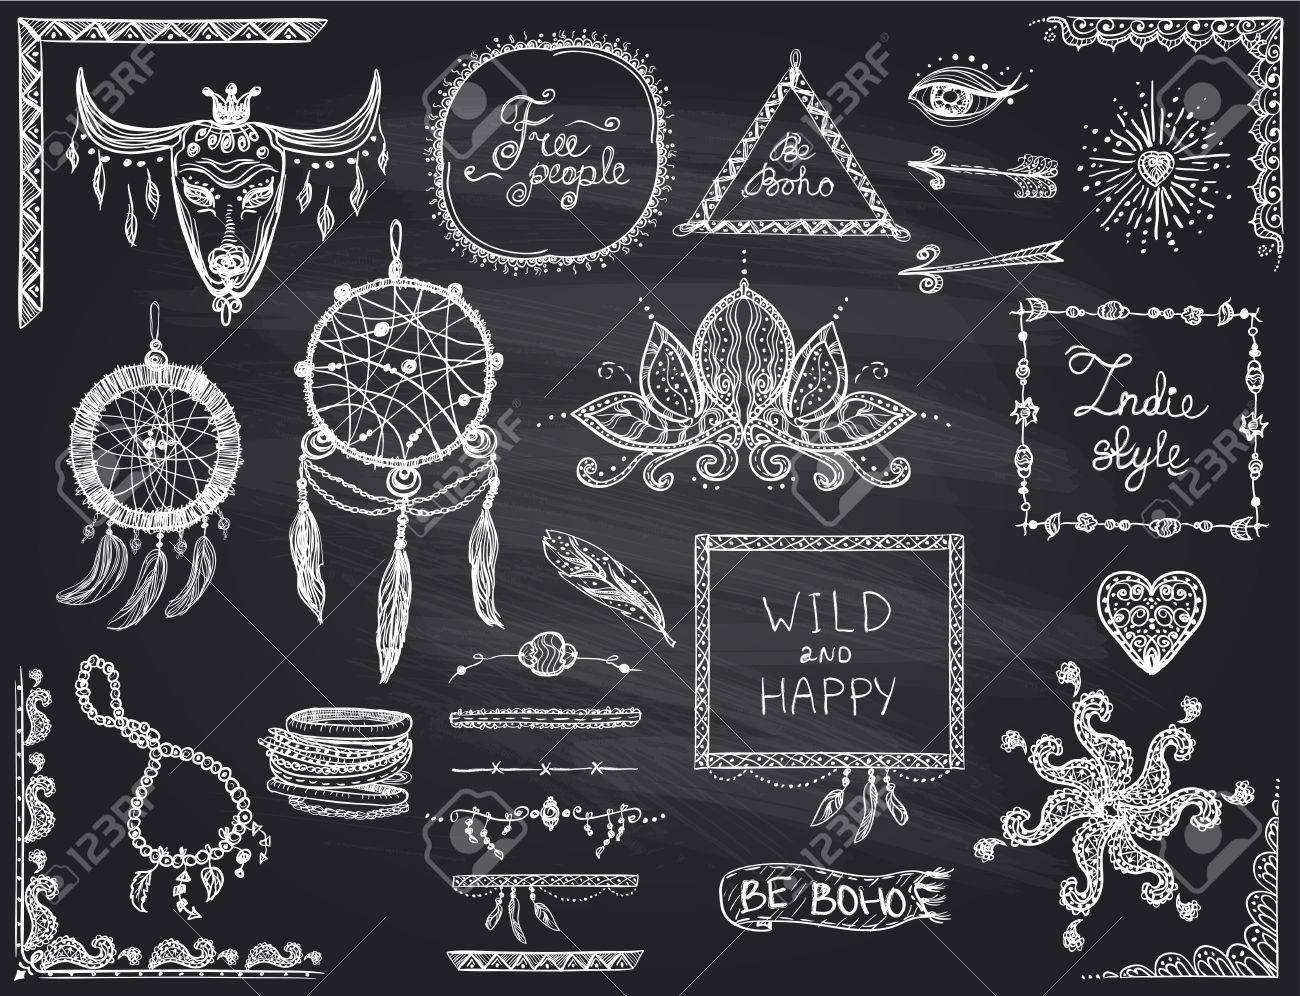 Tafel Handgezeichnete Skizze Elemente In Boho-Stil, Hippie, Indie ...